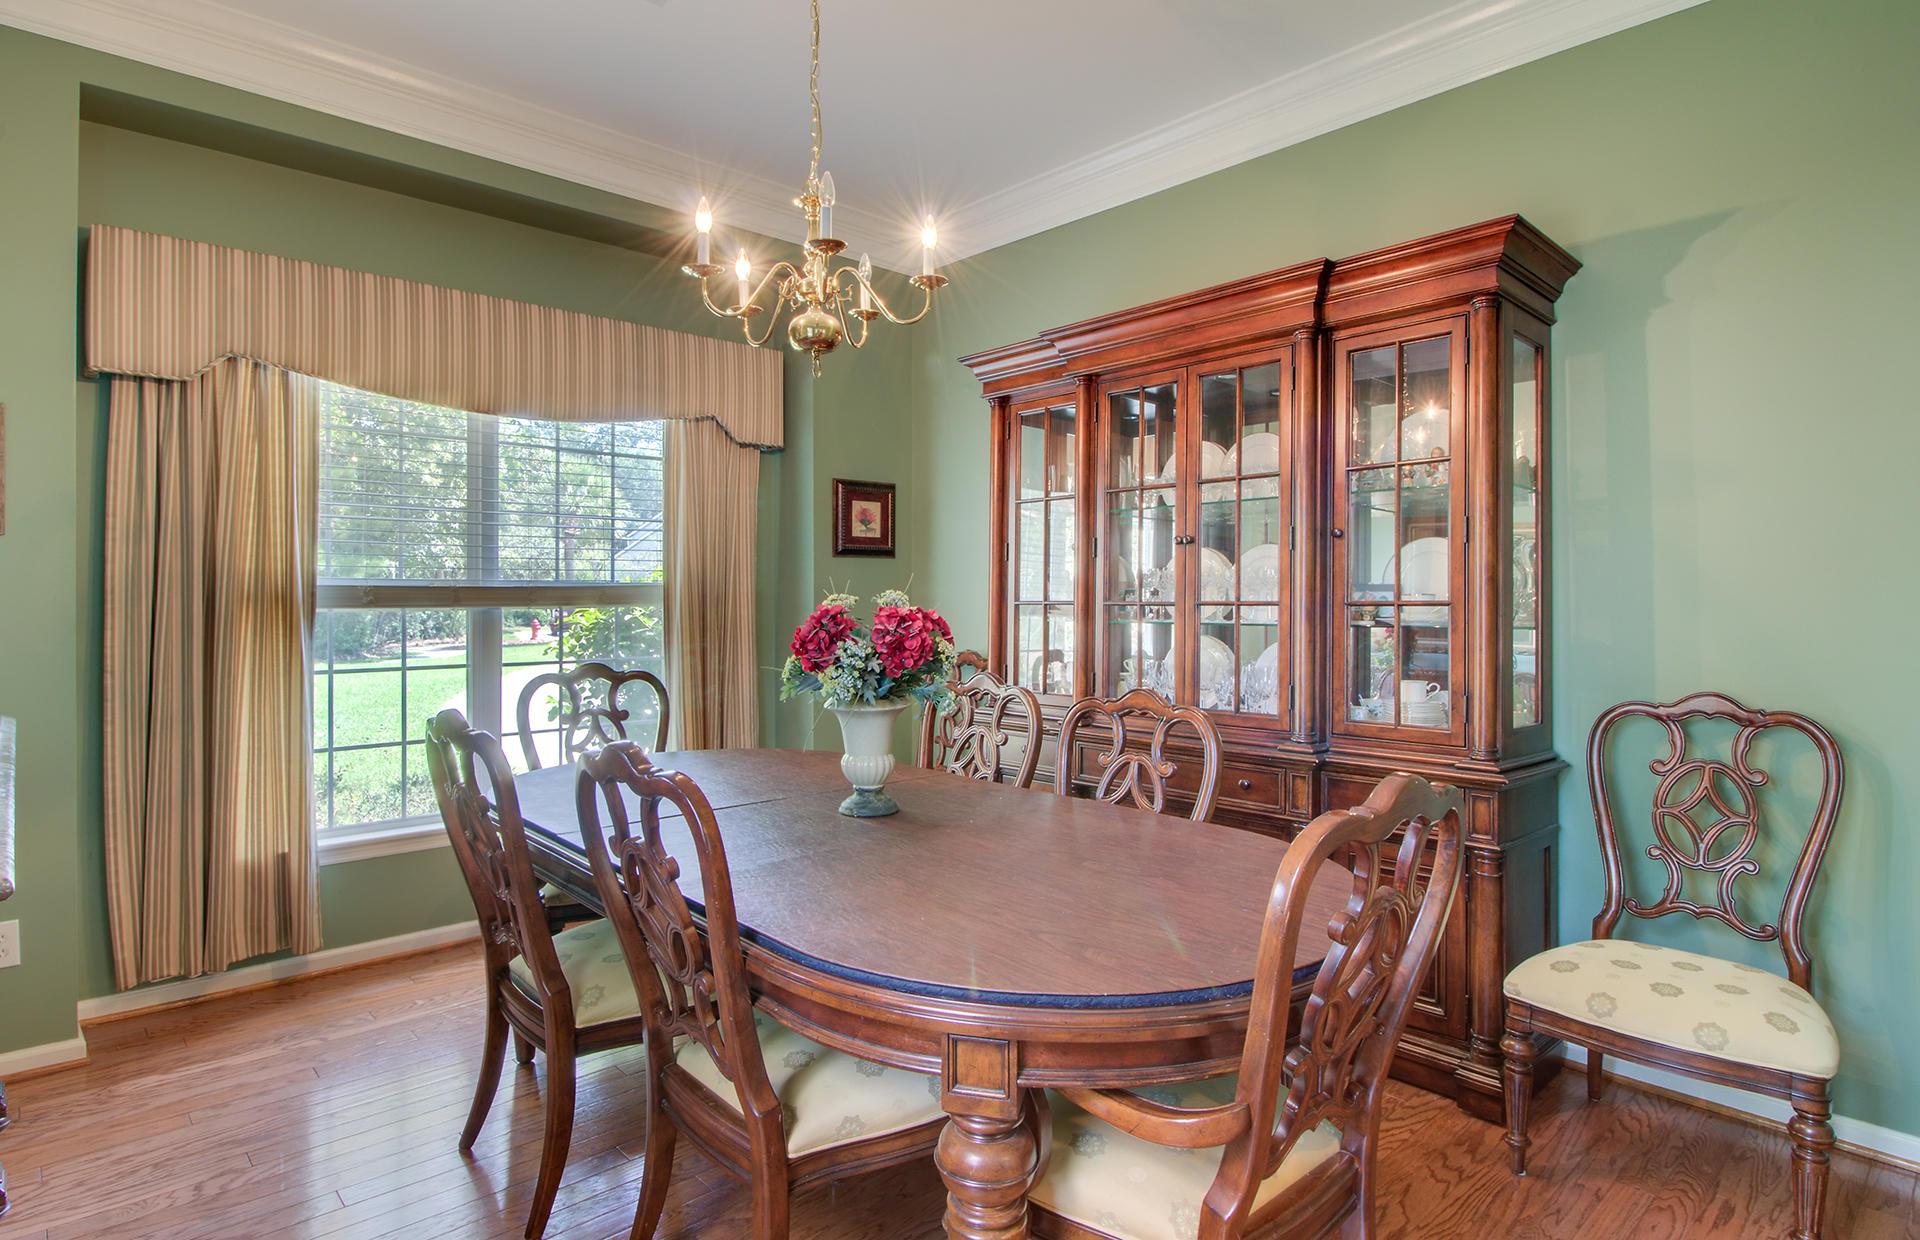 Park West Homes For Sale - 2500 Draymohr, Mount Pleasant, SC - 41